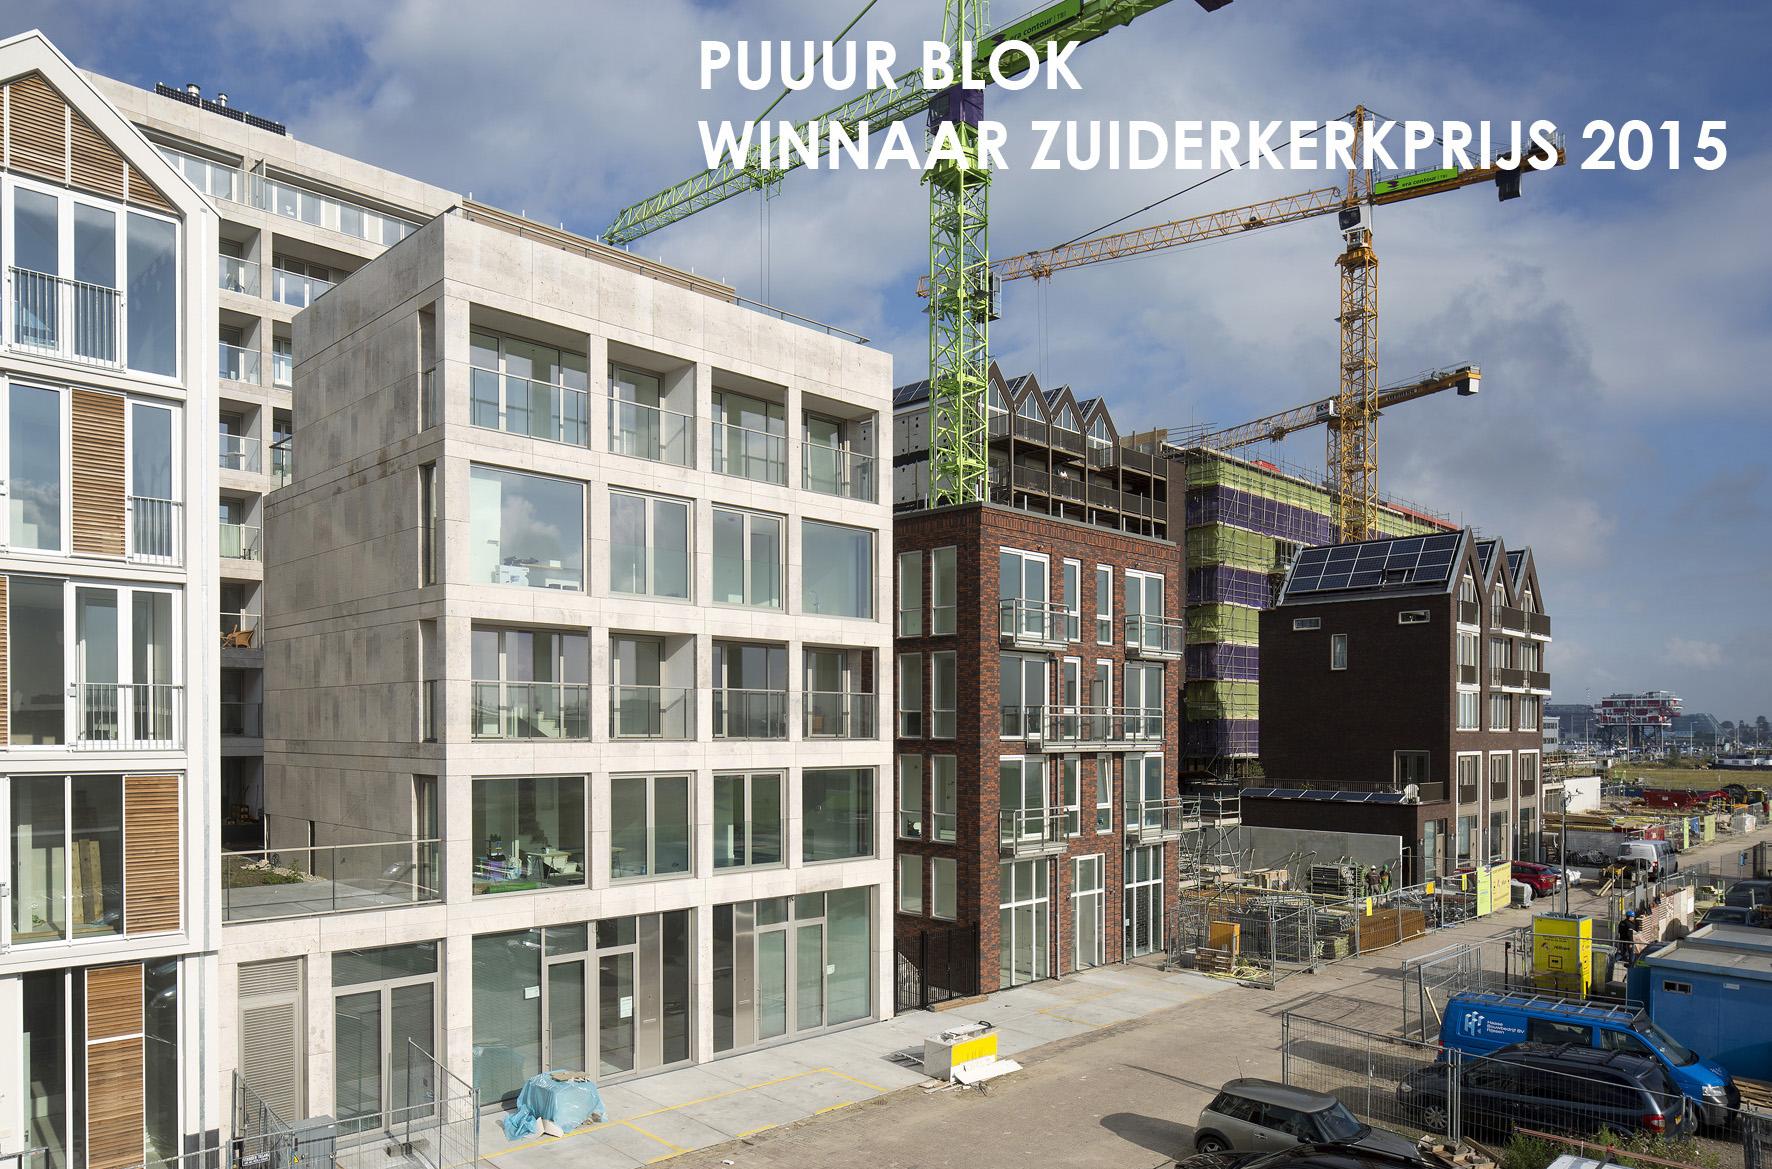 Atelier PUUUR BLOK kadewoning ZUIDERKERKPRIJS 2015 kadewoning BLOK0 Houthaven Amsterdam mede opdrachtgeverschap tussenaat zelfbouw